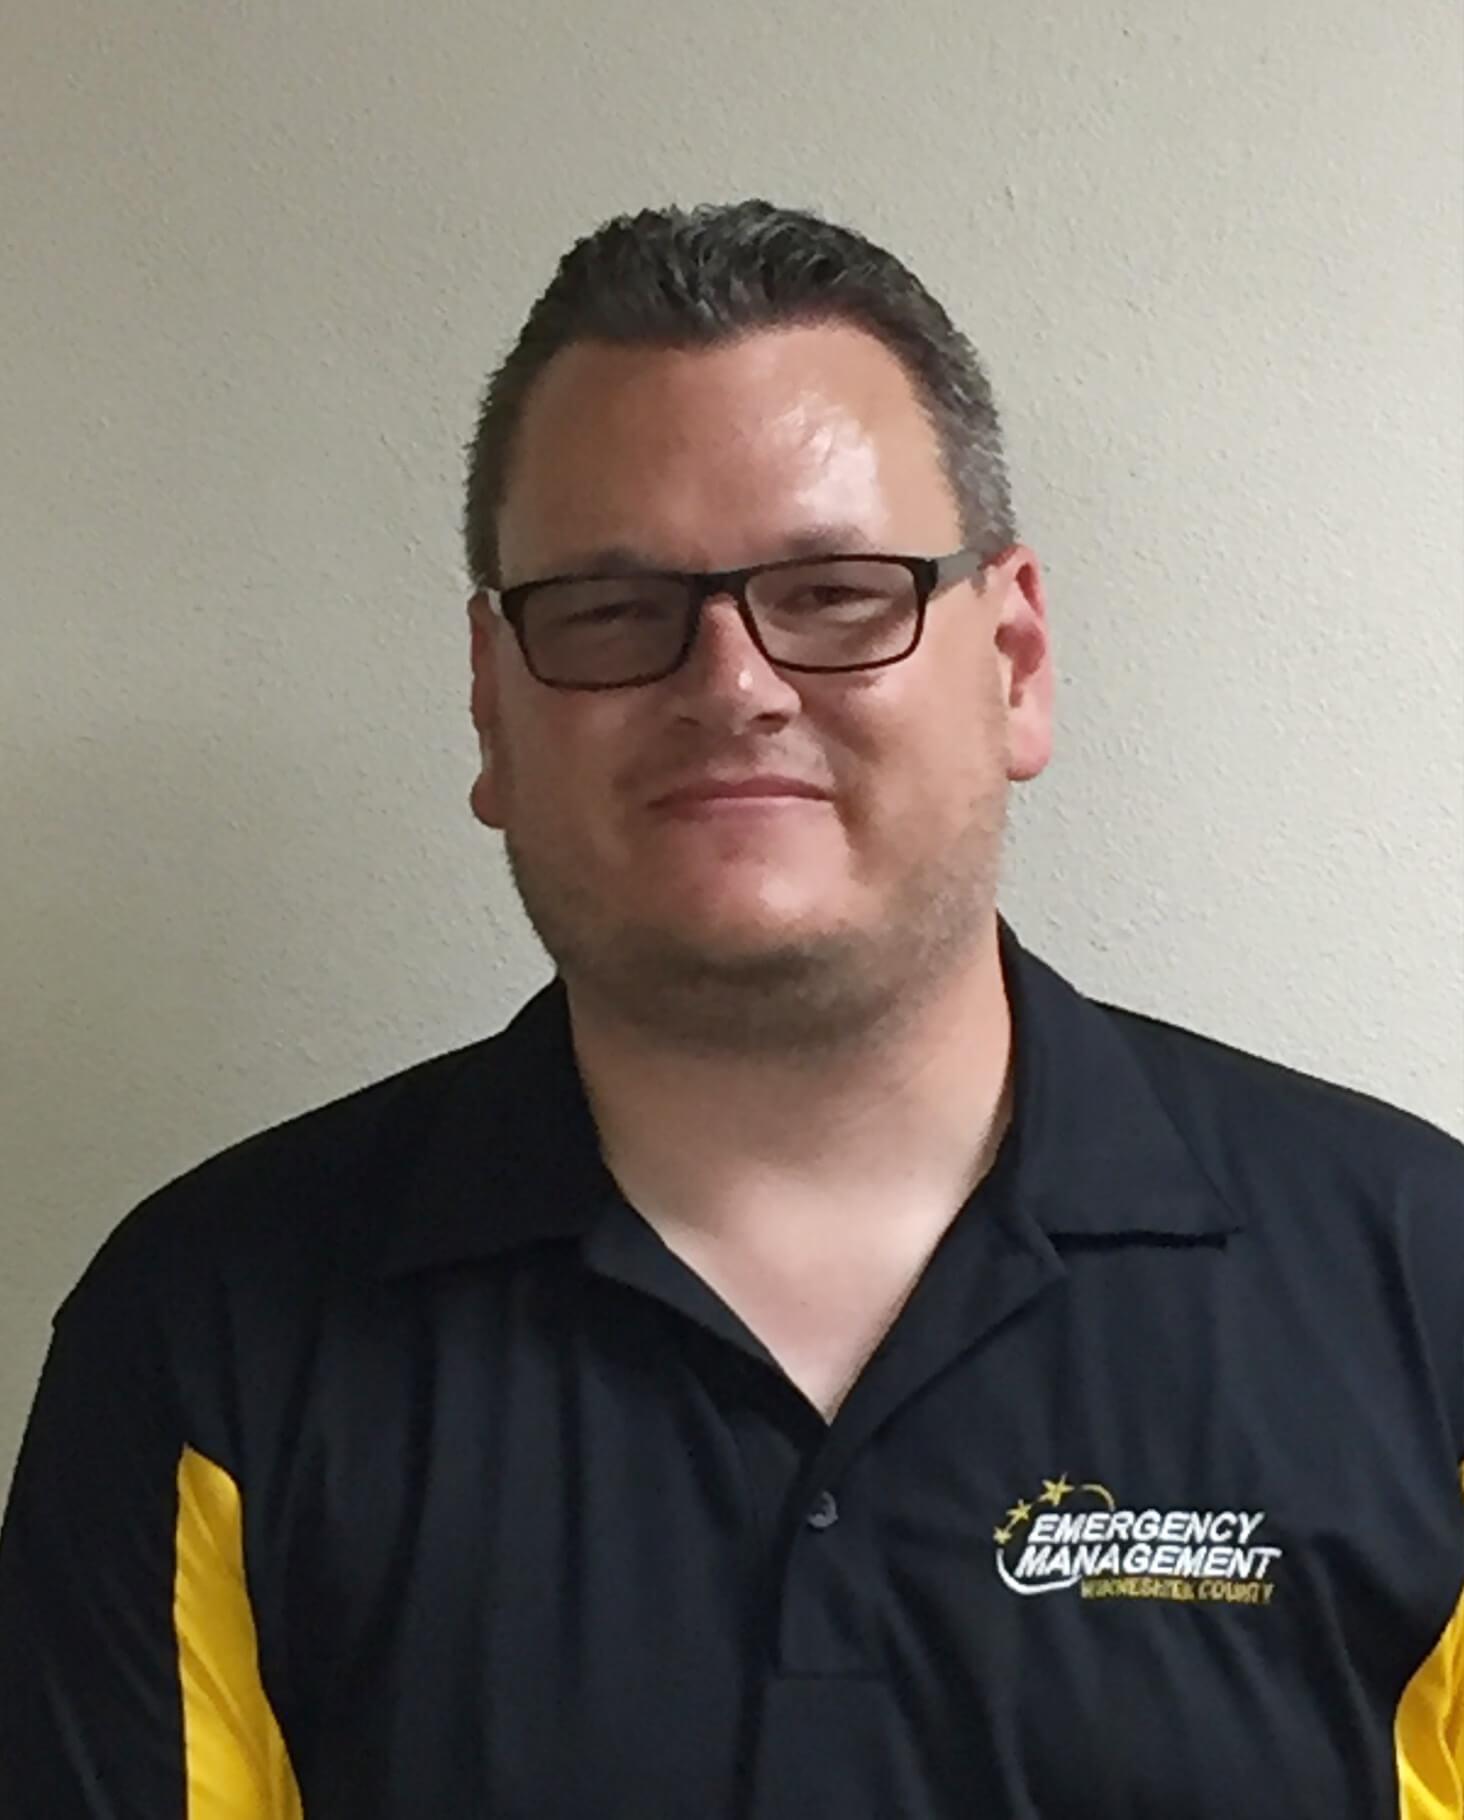 Sean Snyder, Emergency Management Coordinator & Deputy Sheriff